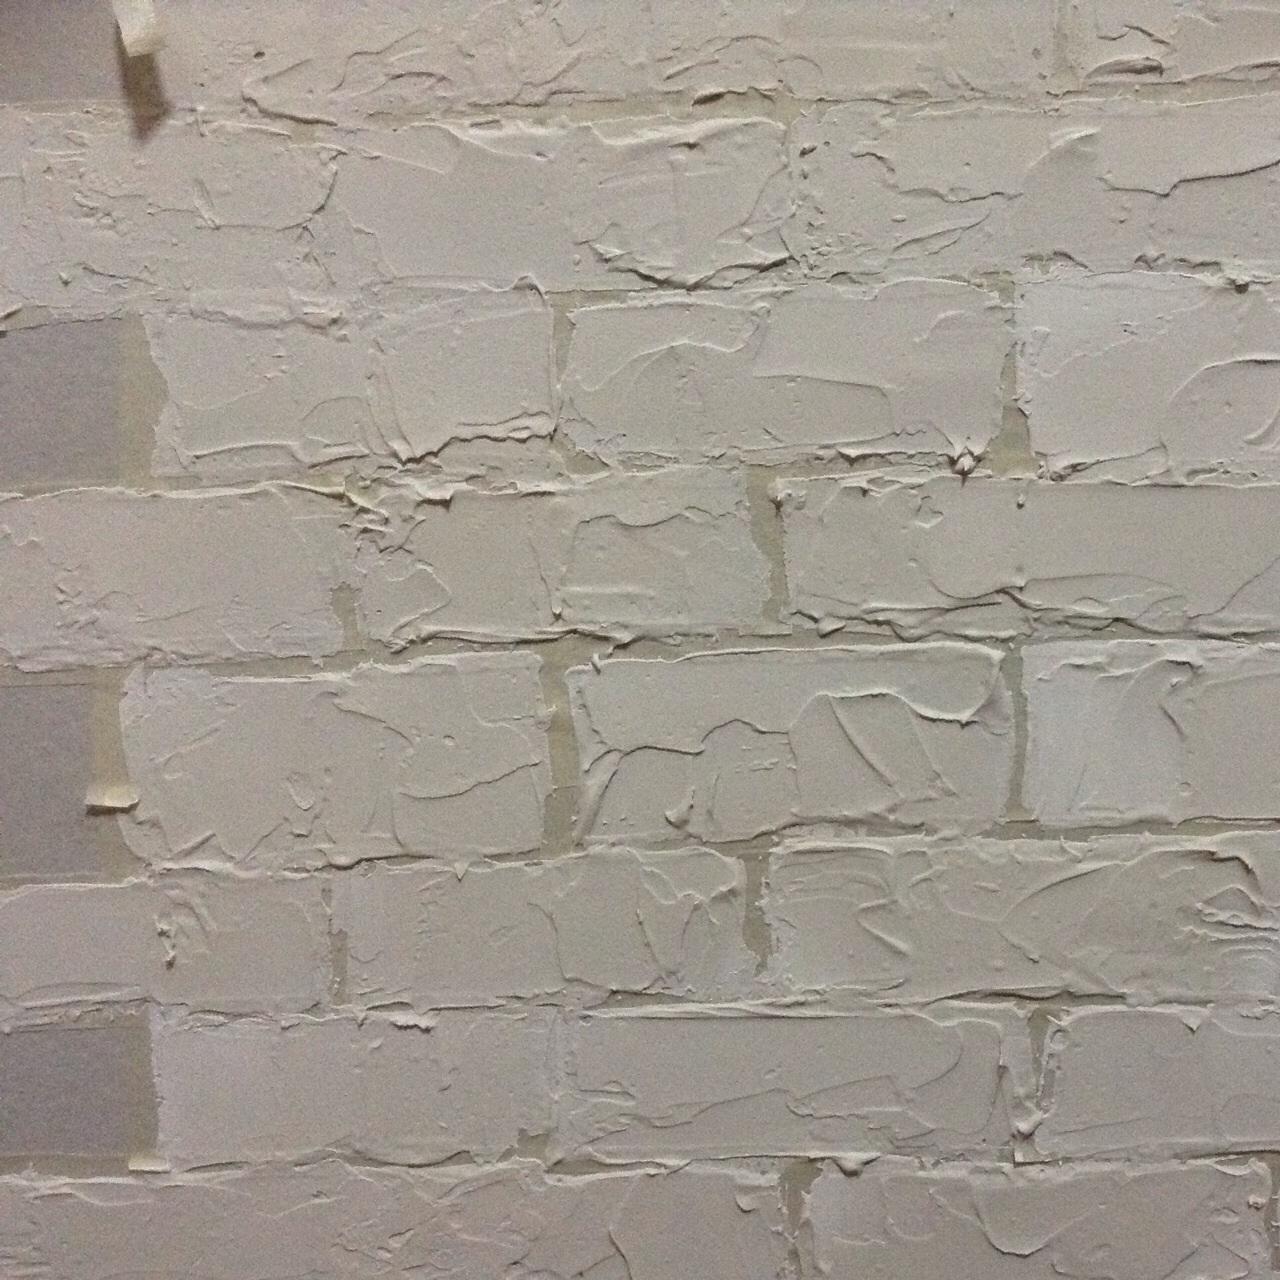 d-i-y-faux-brick (6)